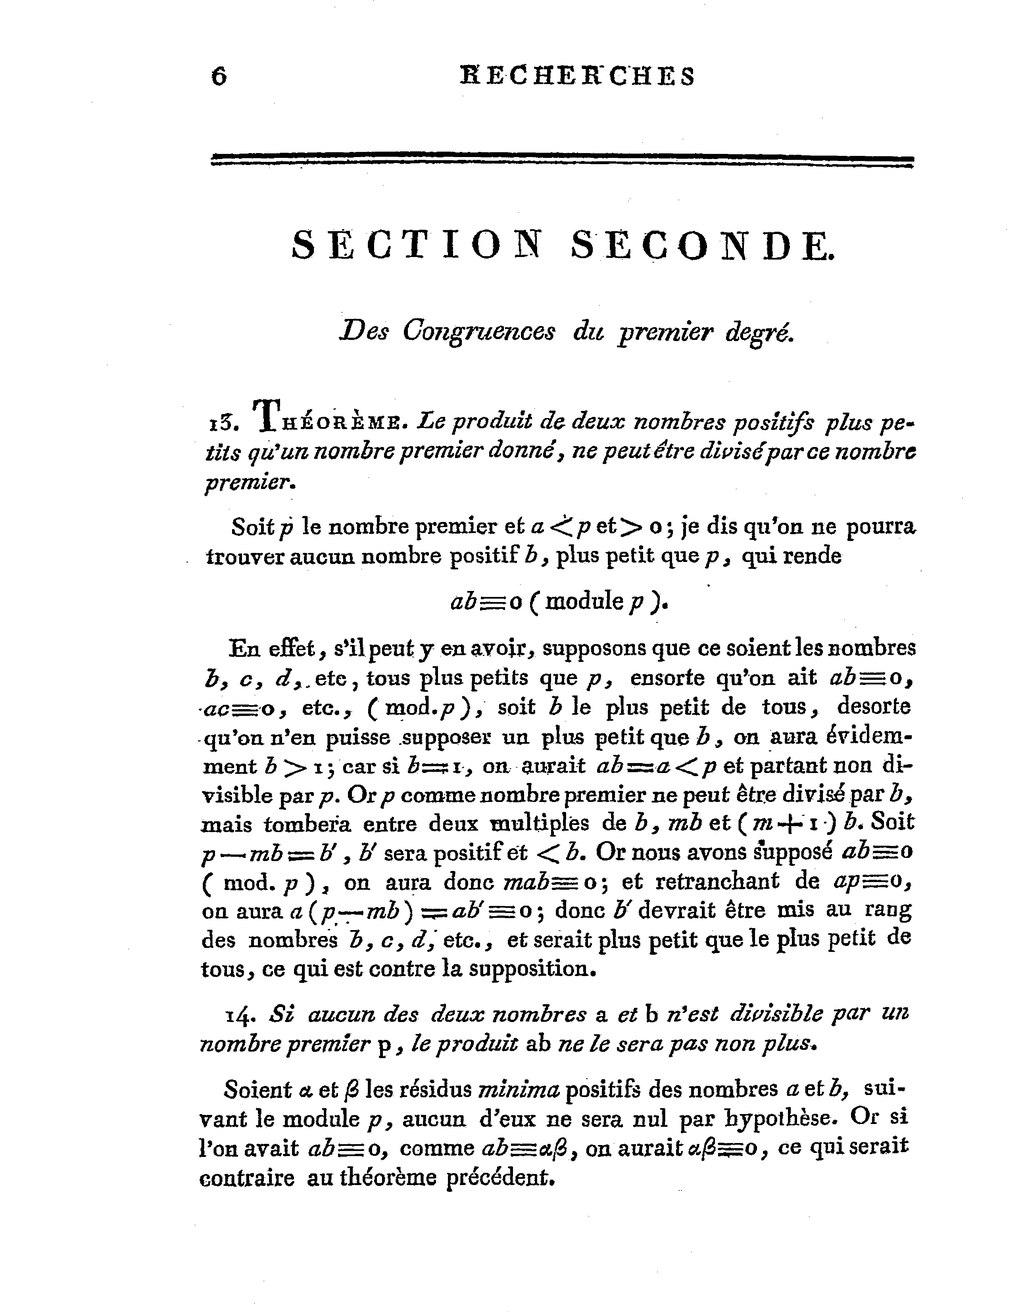 kop cabiste - Page 149 sur 196 - 2e86ac7512a